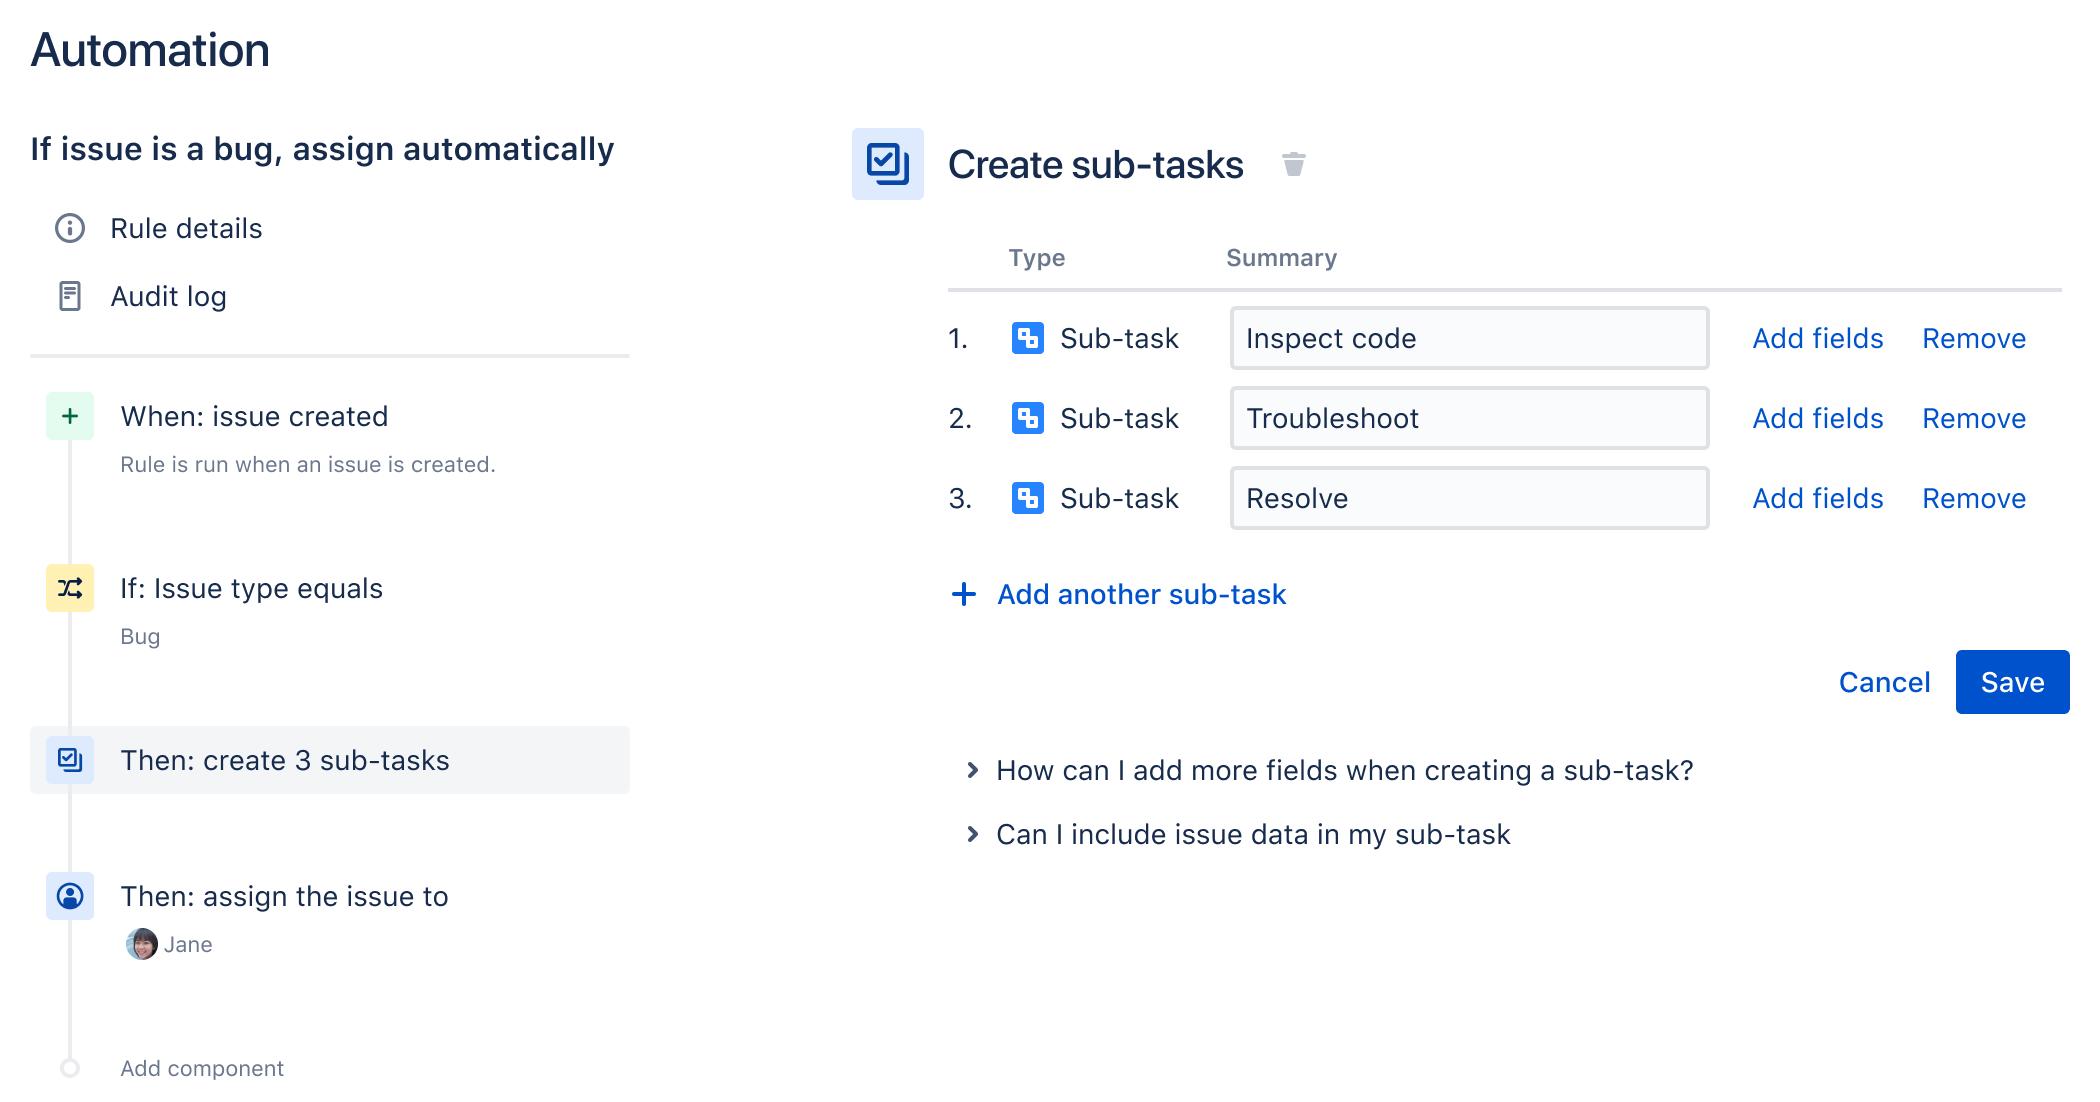 Exemple de générateur de règles, présentant une règle simple pour ajouter automatiquement des sous-tâches à tout nouveau bug, et pour les assigner à un utilisateur.